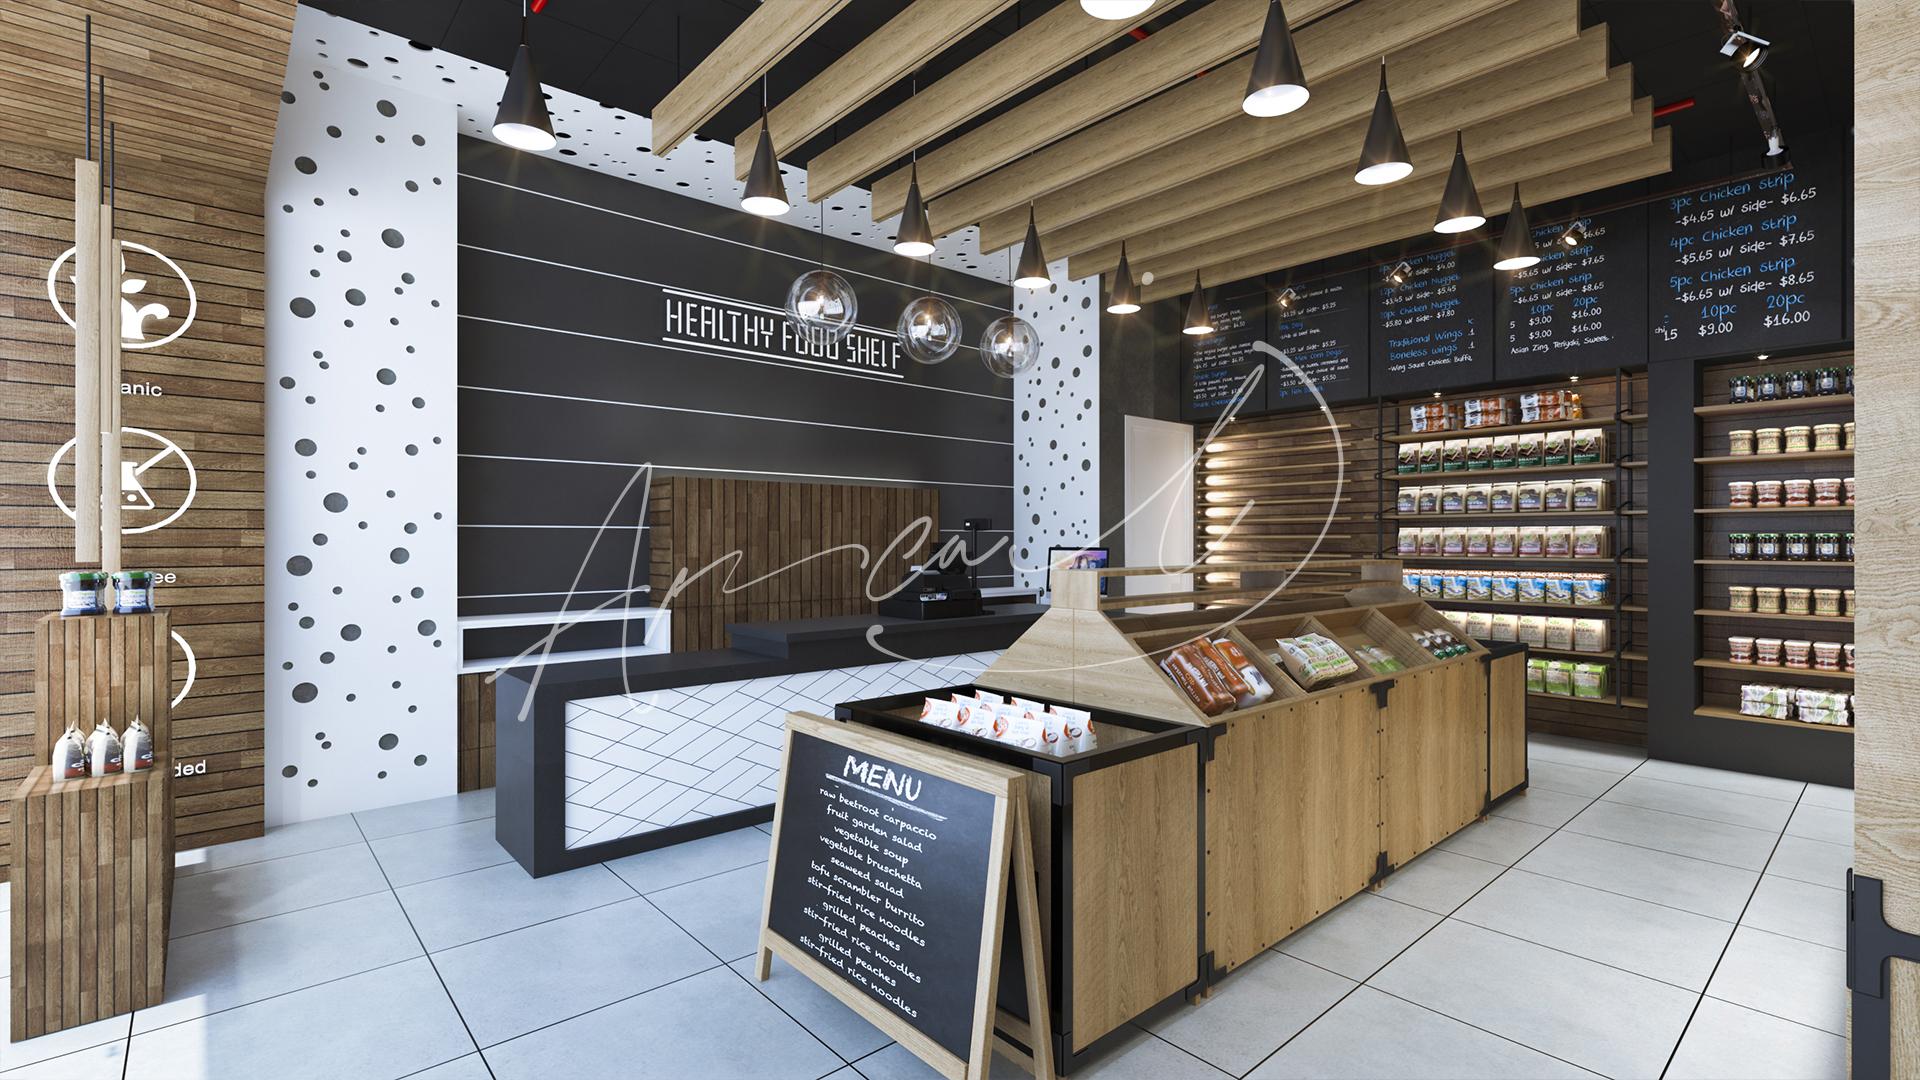 Healthy Food Shop Interior Design